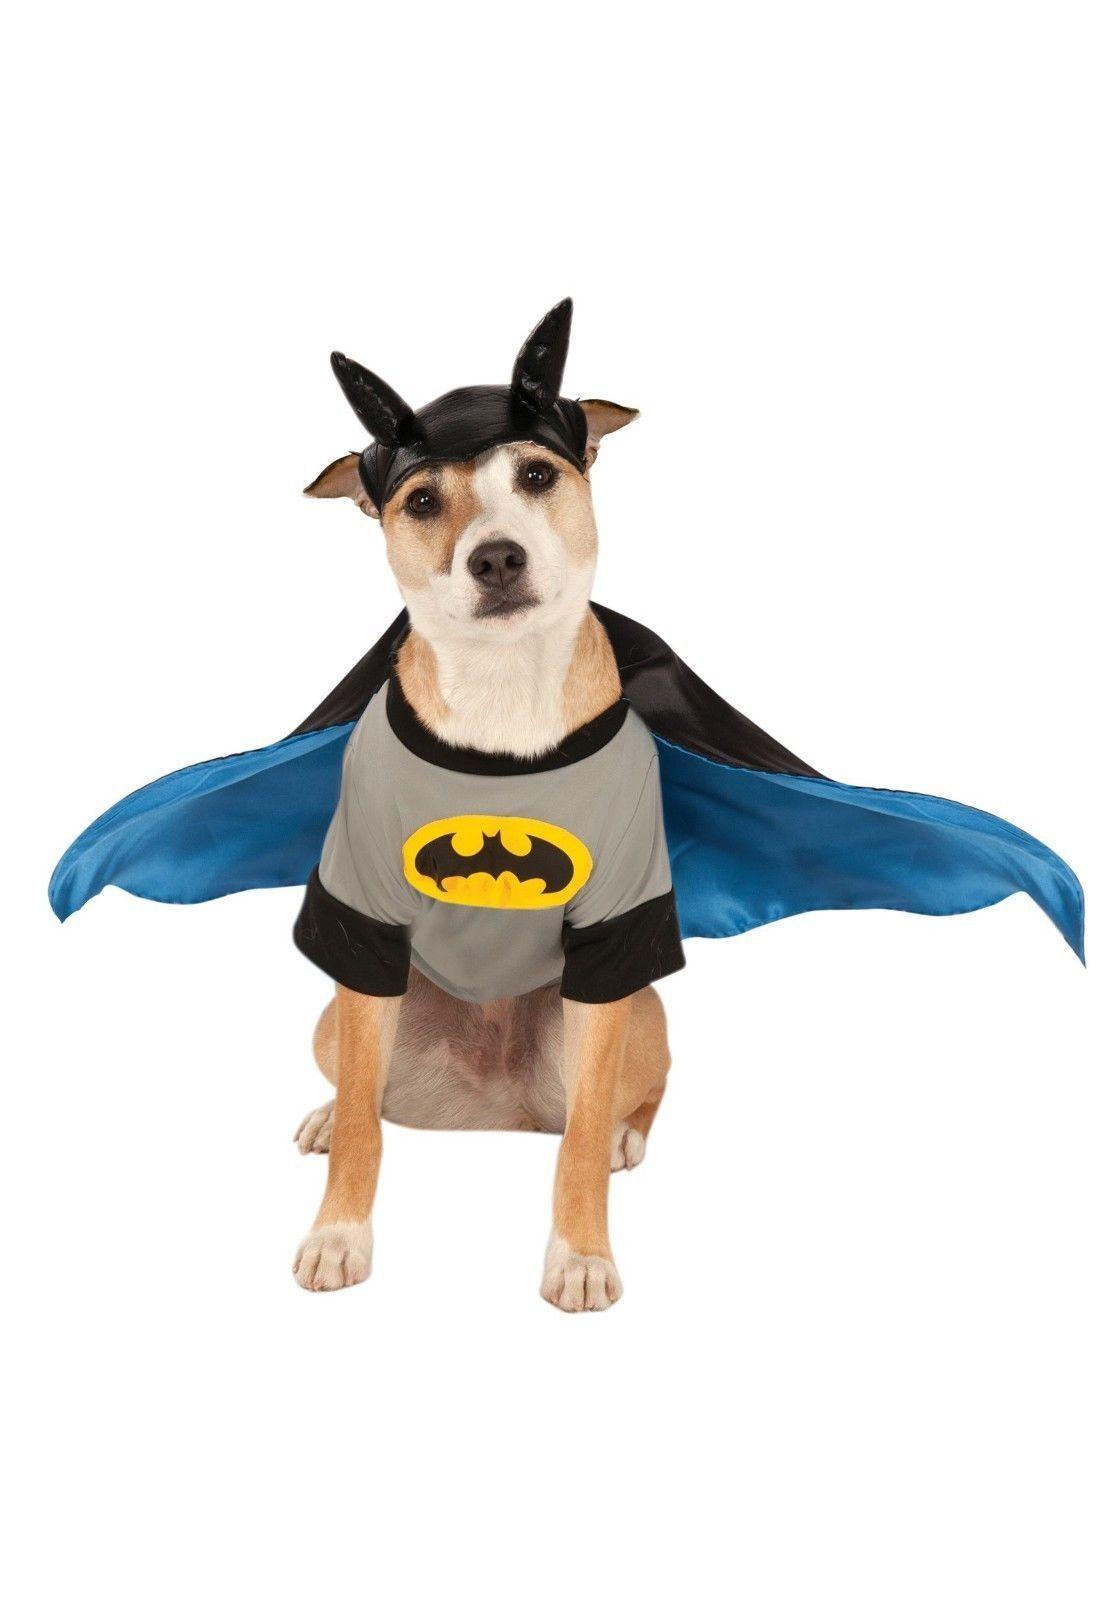 Batman Pet Costume Shirt With Detachable Cape Headpiece Sz Xs